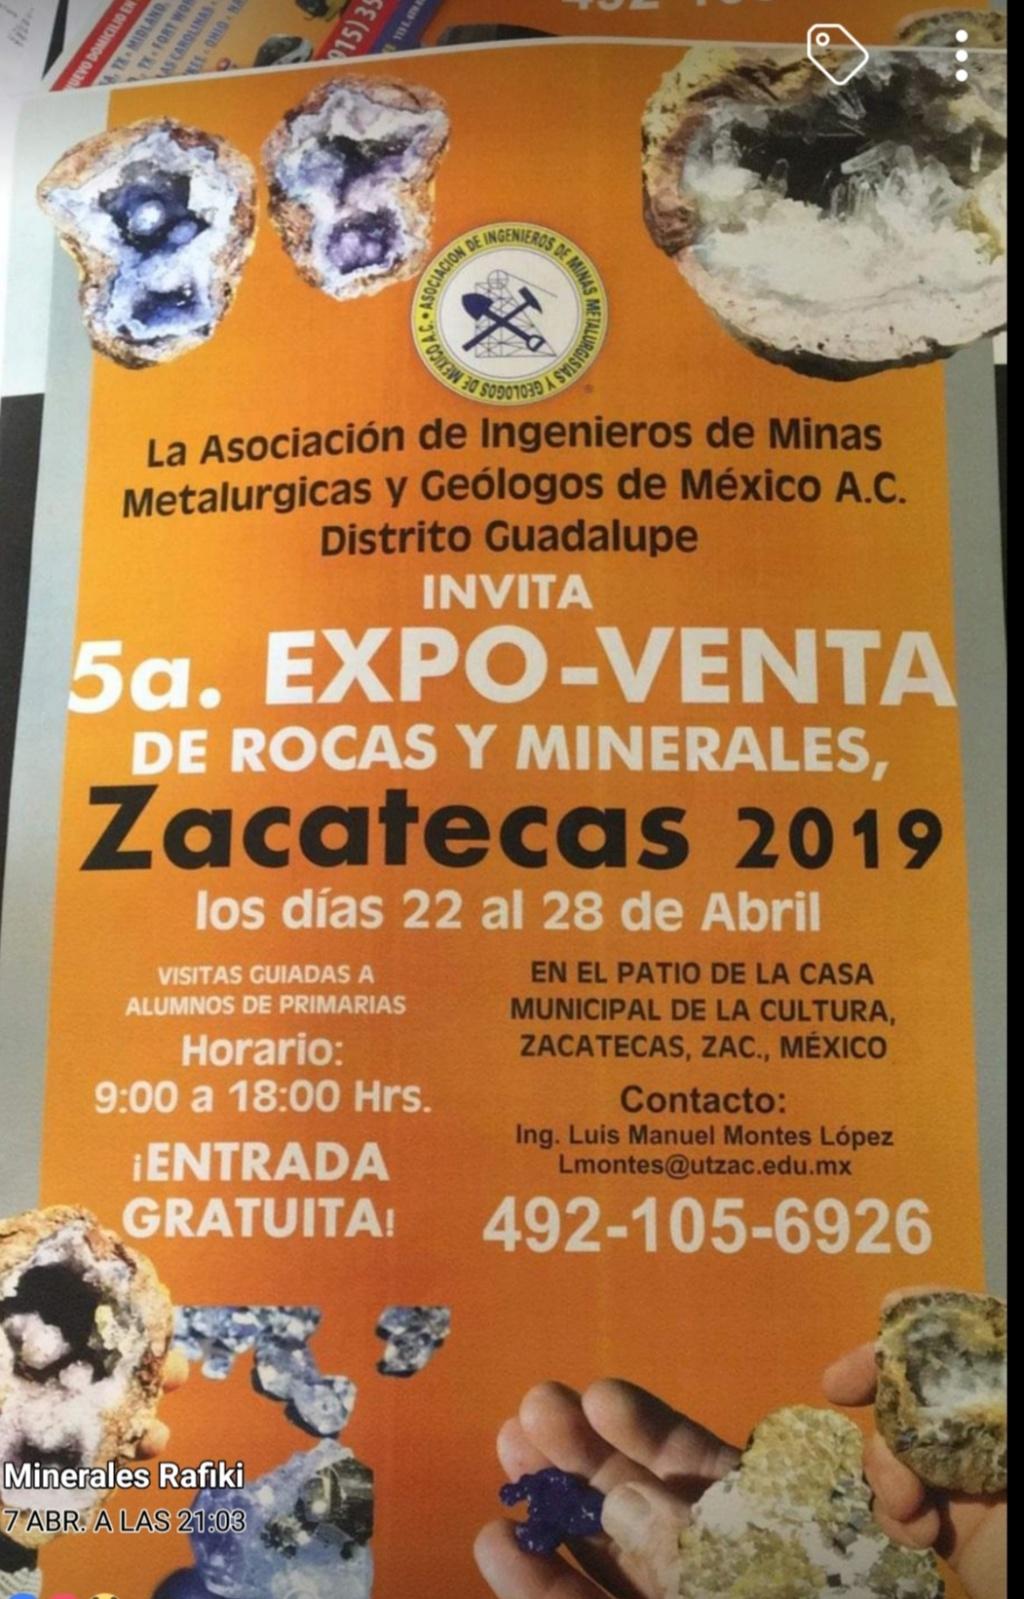 Ferias y eventos mes de Abril 2019. - Página 2 20190411